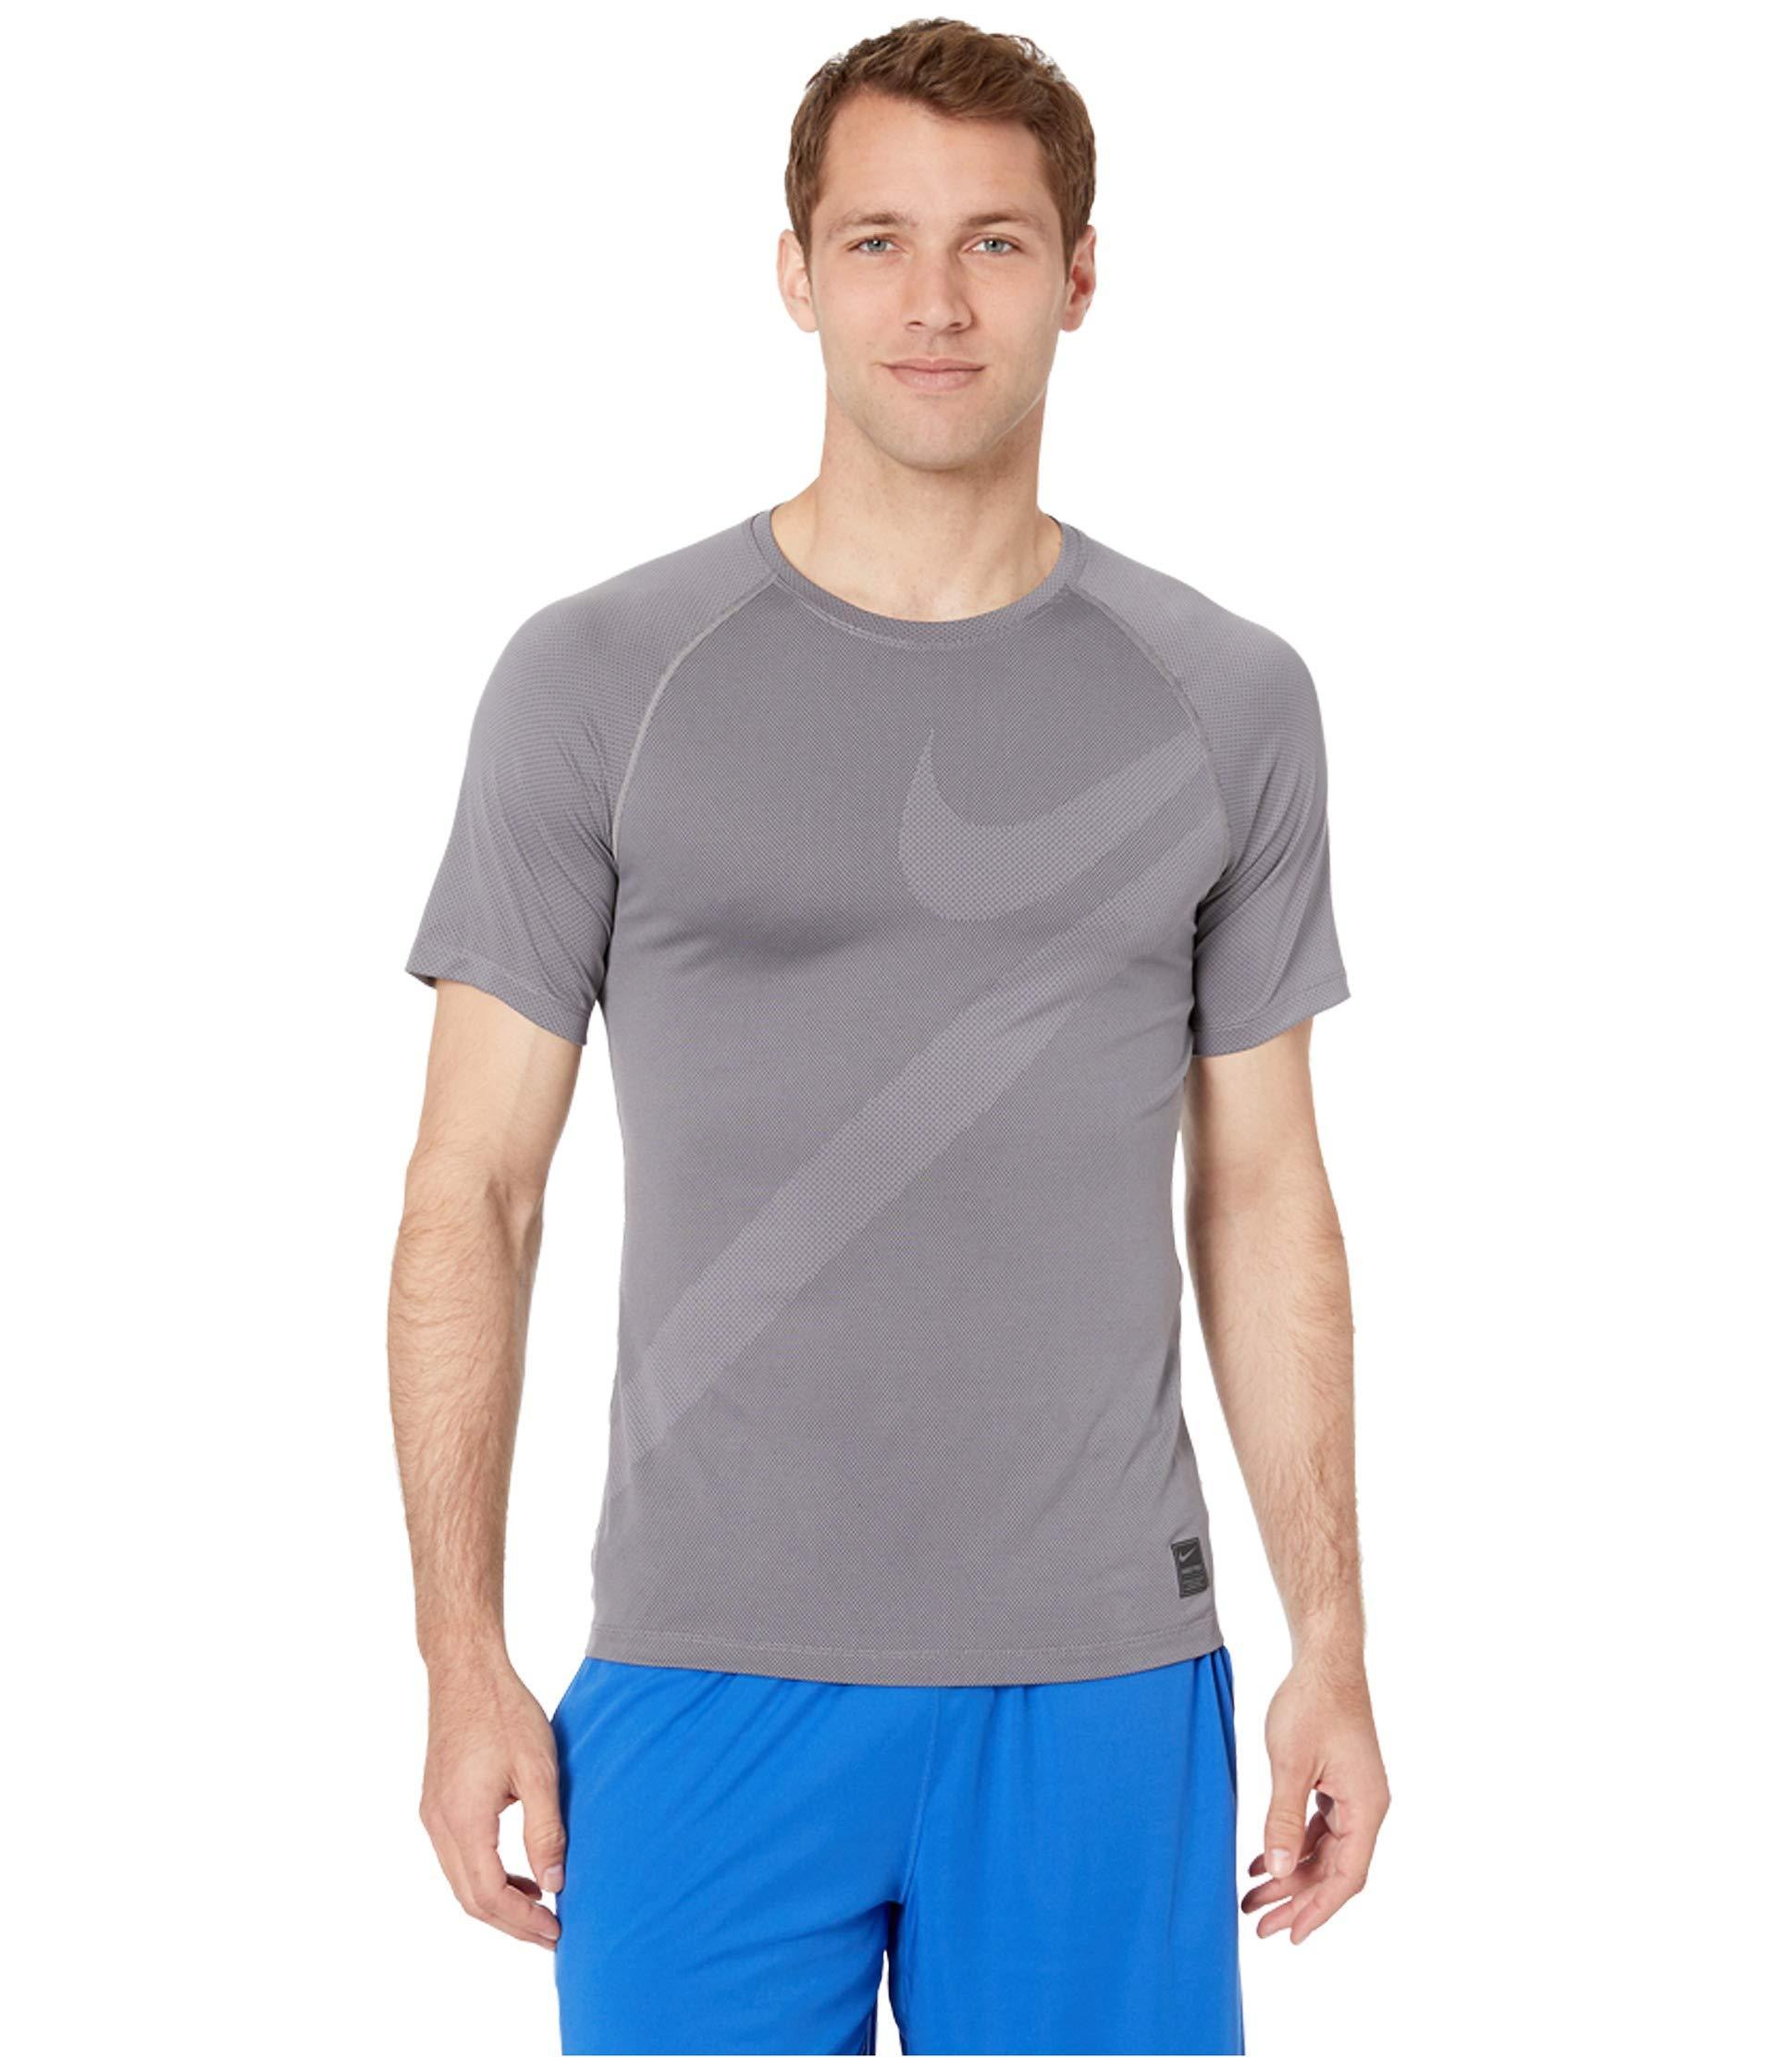 9c53be37 Lyst - Nike Top Short Sleeve Hbr 2 (gunsmoke/black/gunsmoke) Men's ...